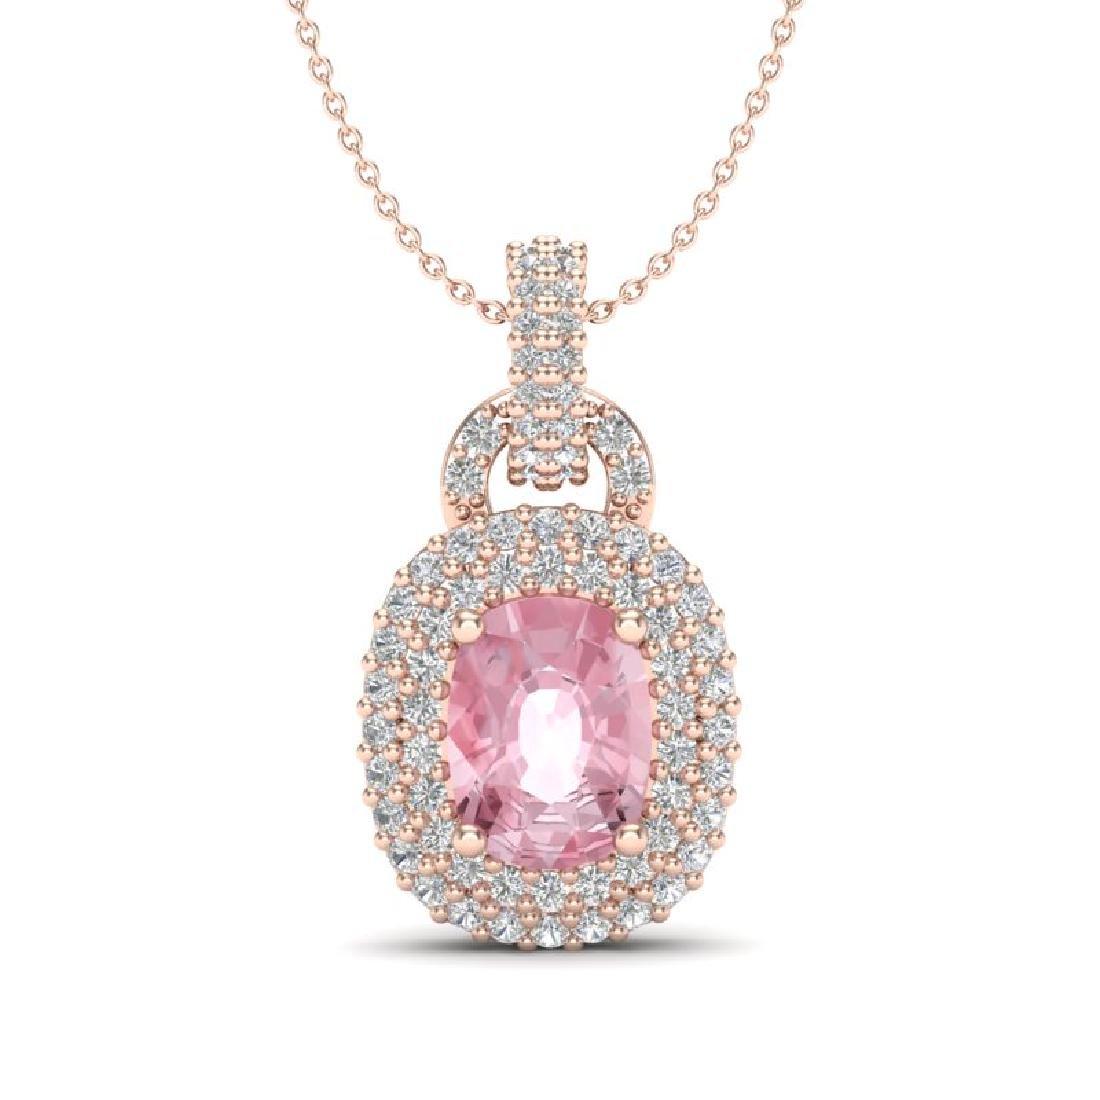 2.50 CTW Morganite & Micro Pave VS/SI Diamond Necklace